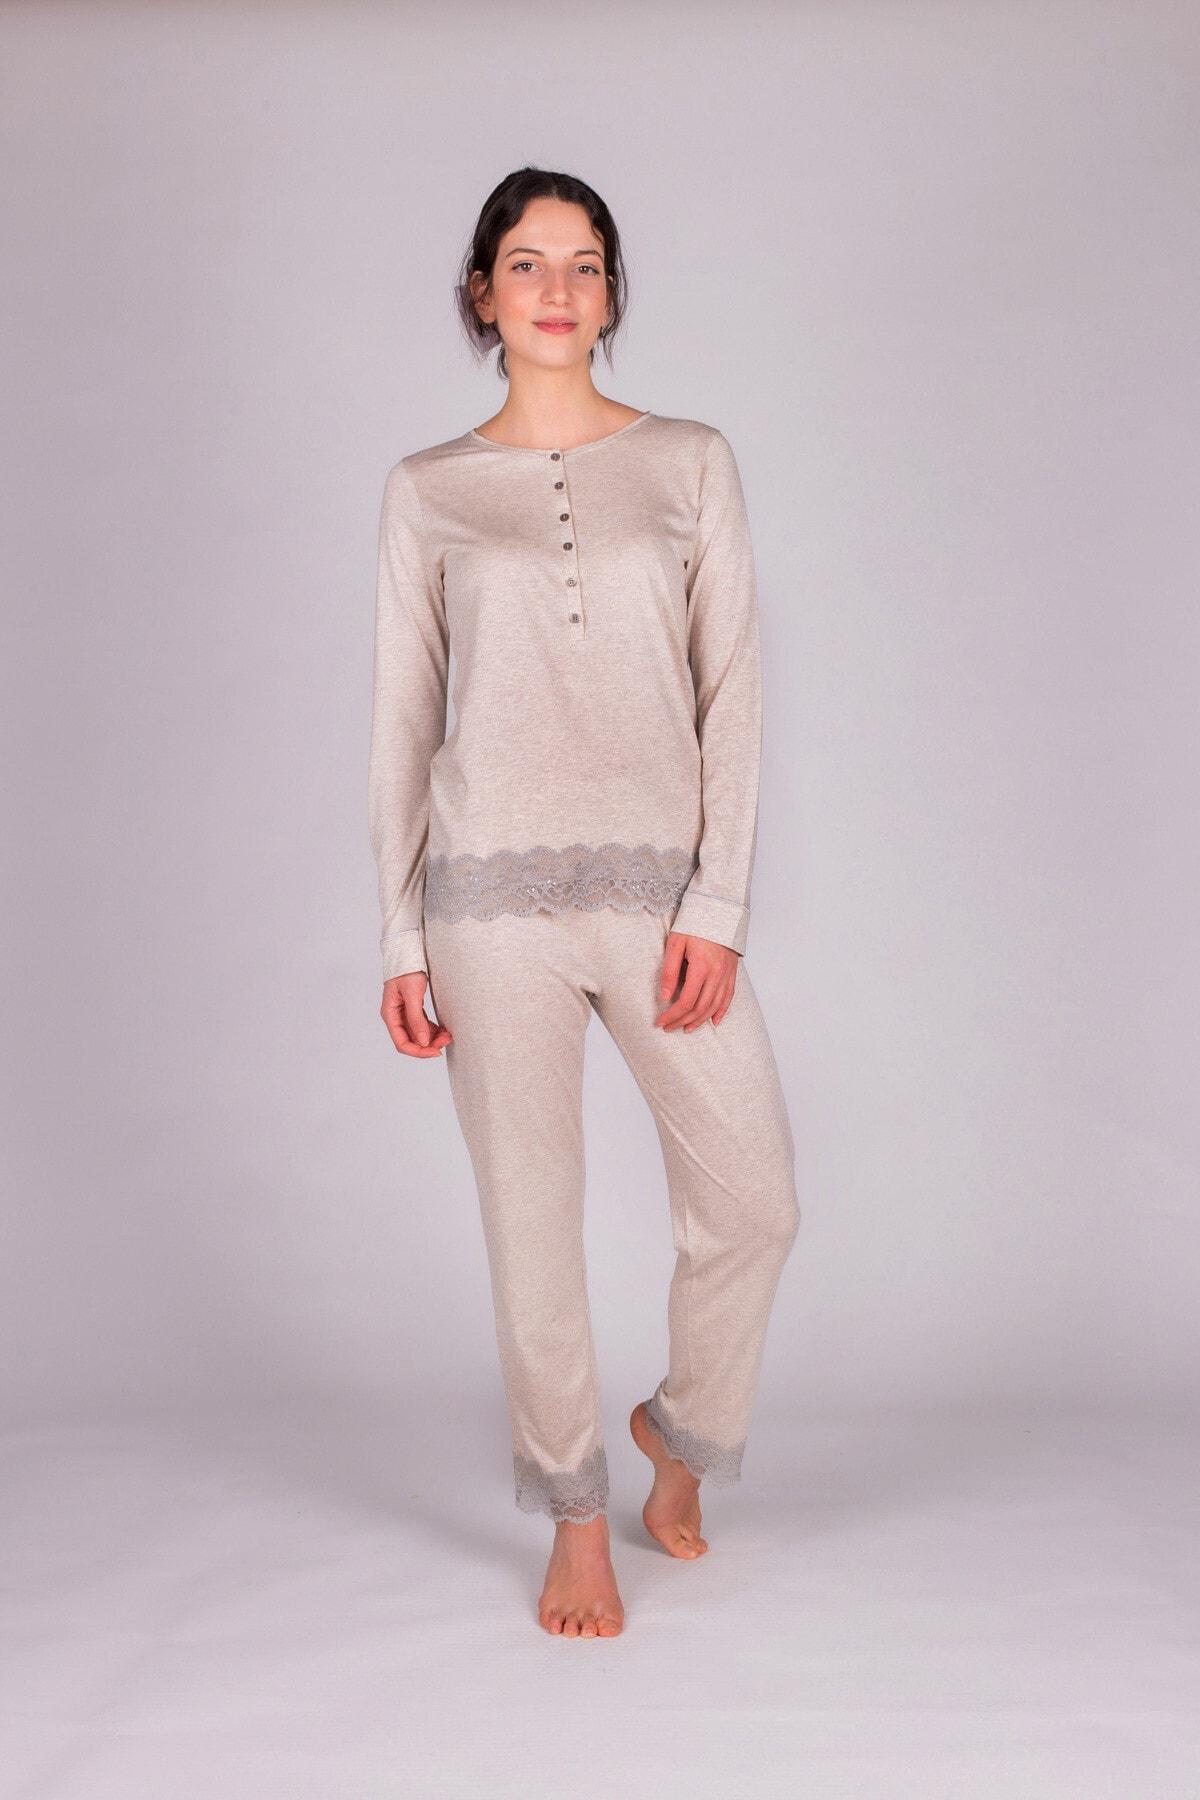 Hays Kadın Bej Melanj Modal Dantel Detaylı Pijama Takımı 1